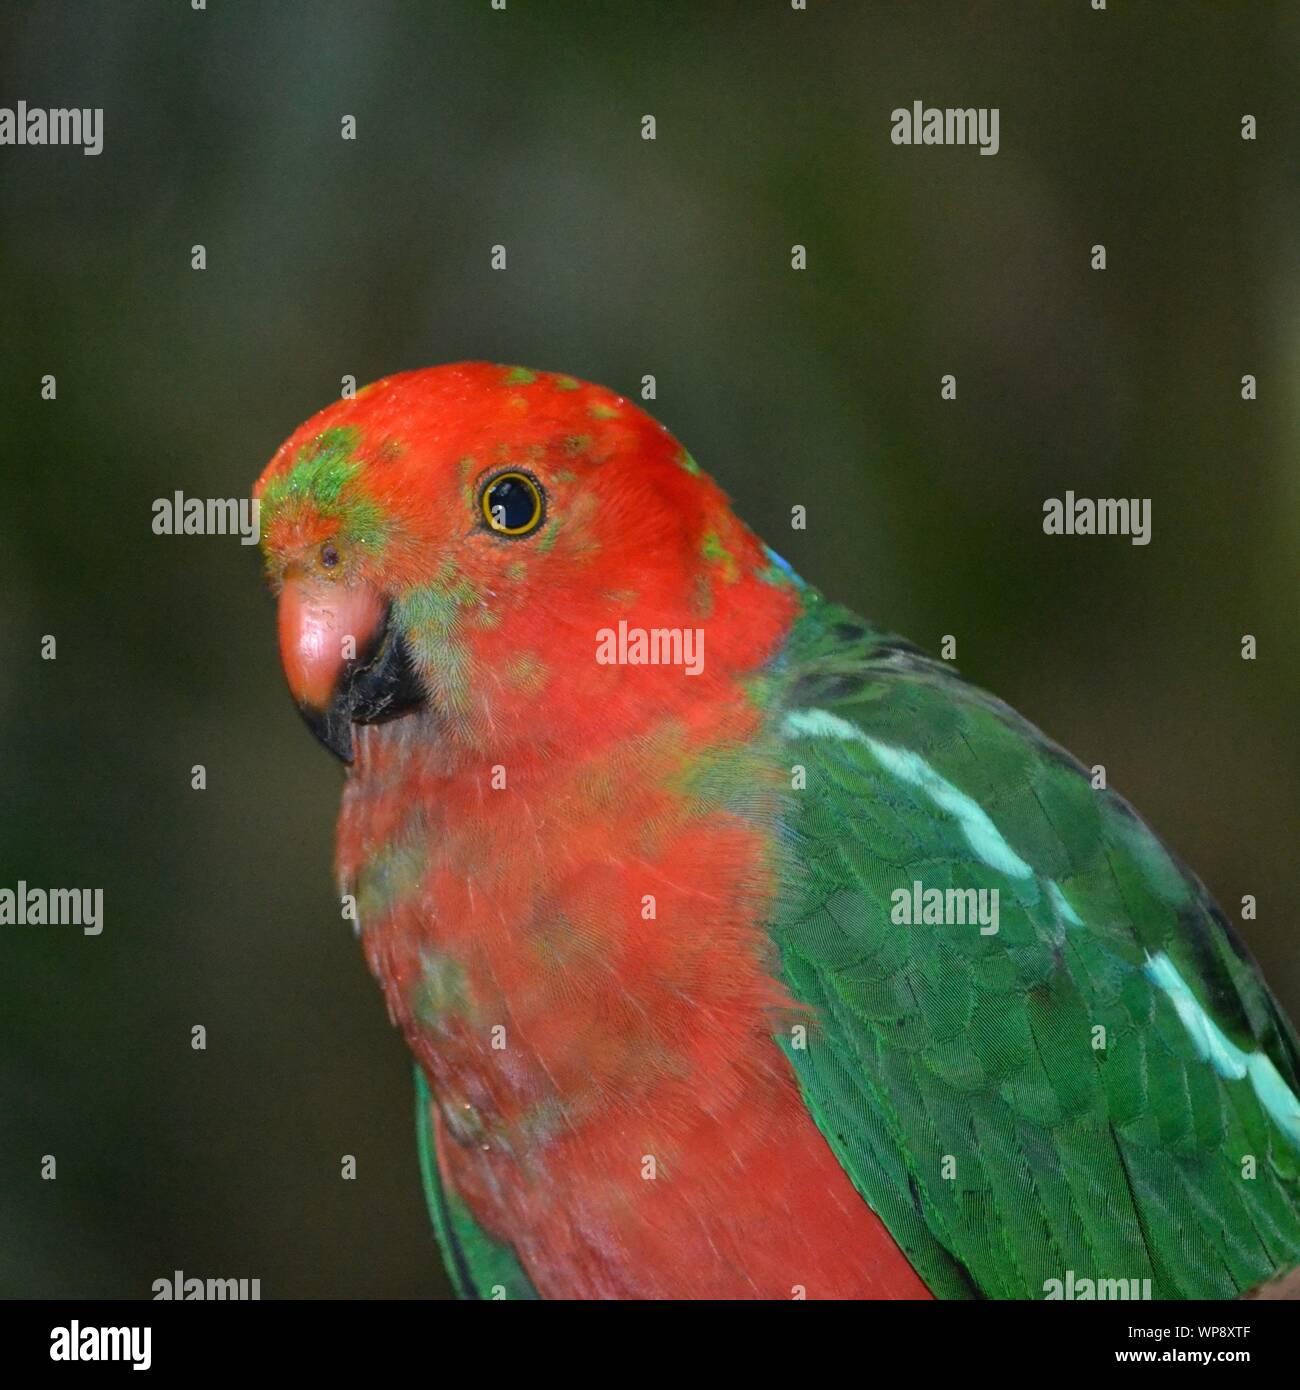 Kopf Nahaufnahme von einem Jugendlichen lebendige Farben Rot und Grün König Parrot Stockfoto